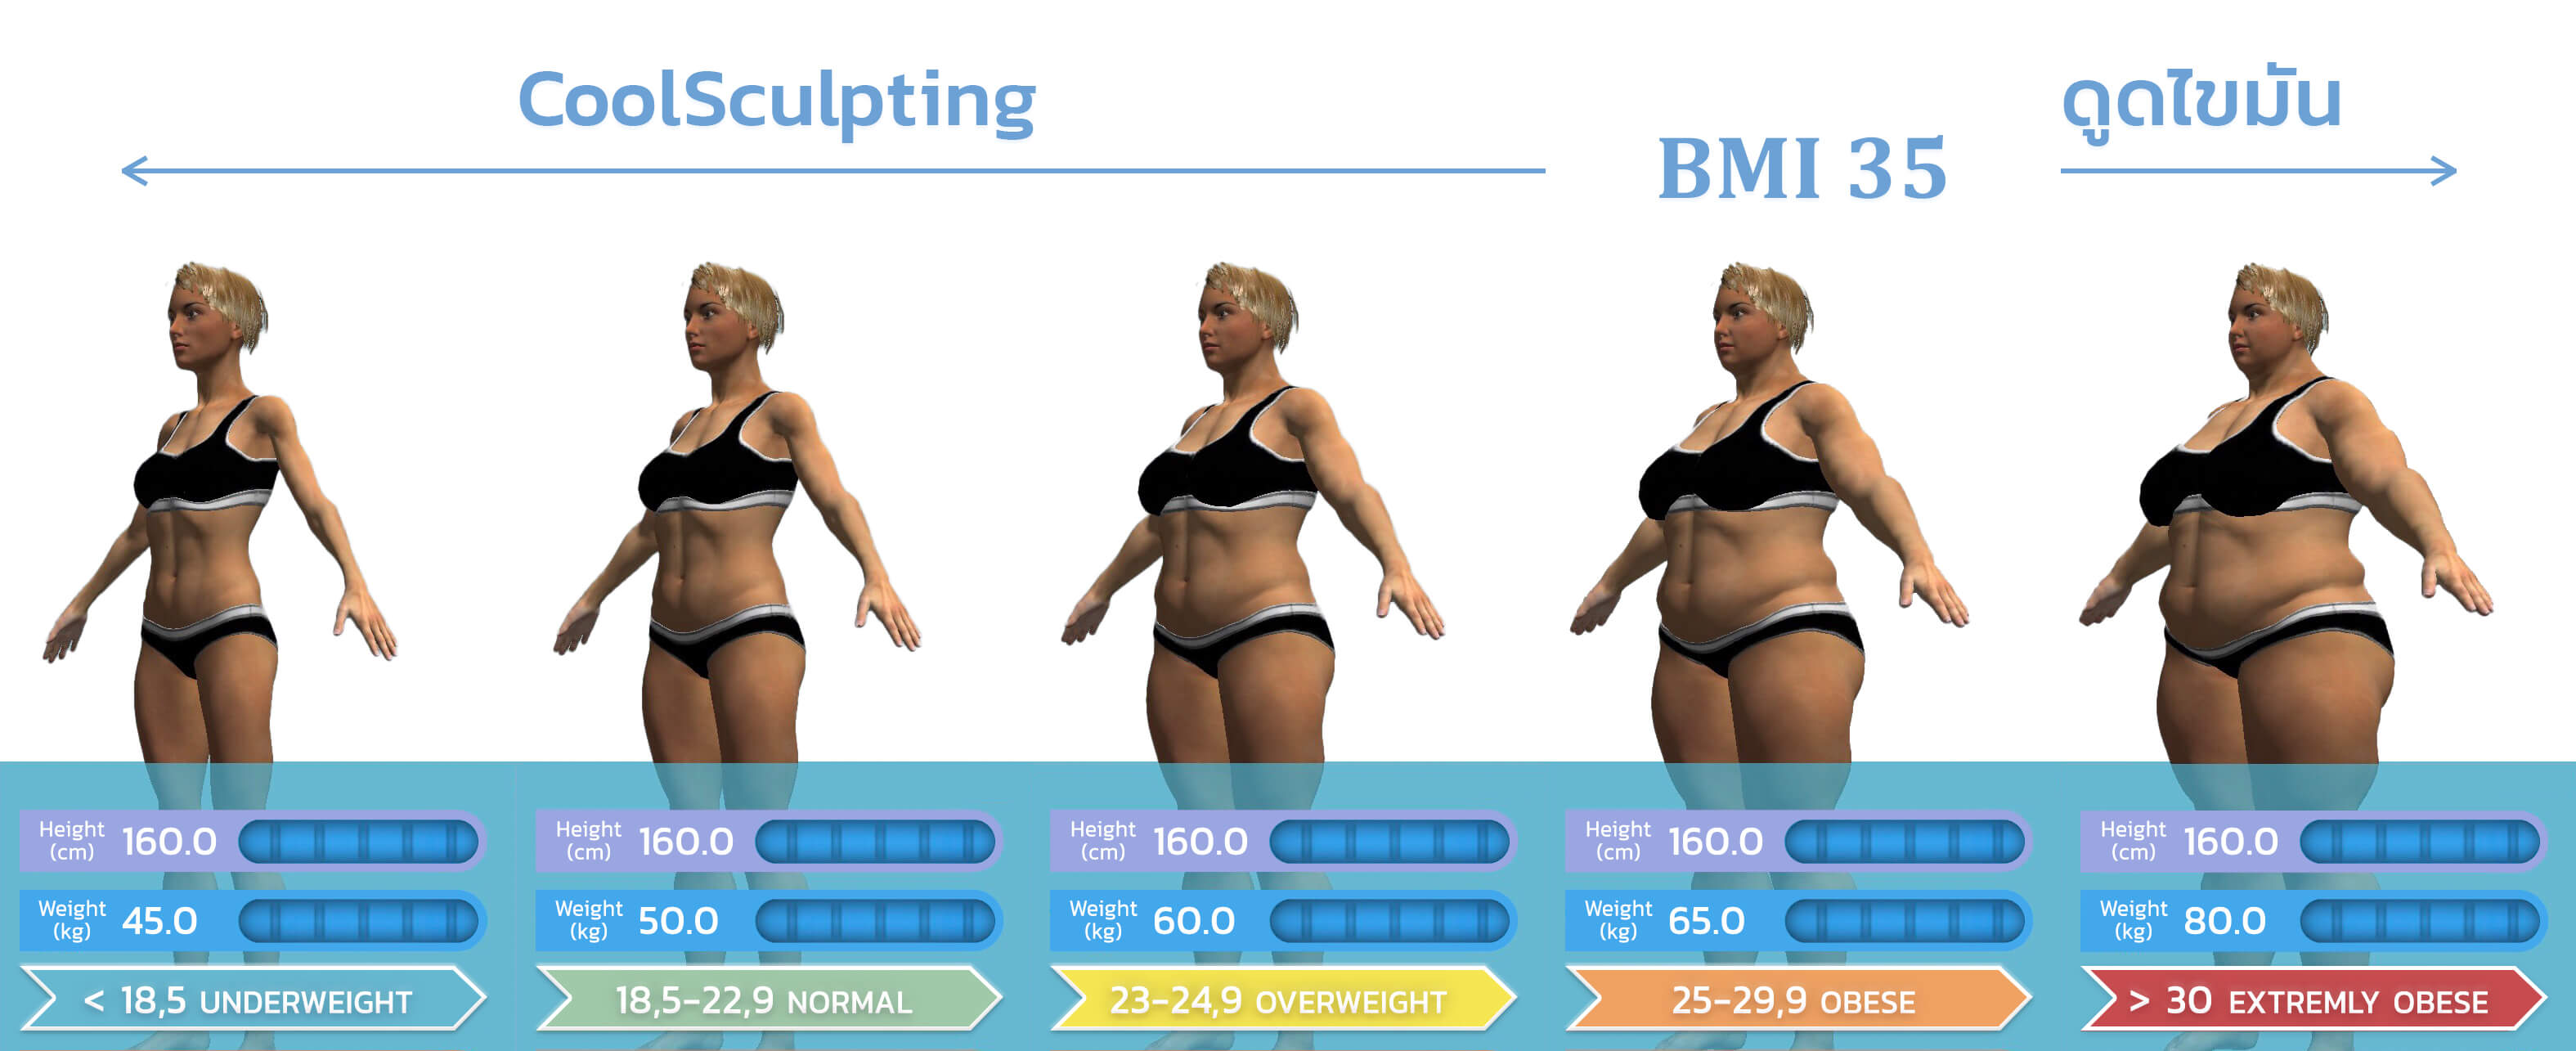 ตารางเปรียบเทียบ BMI